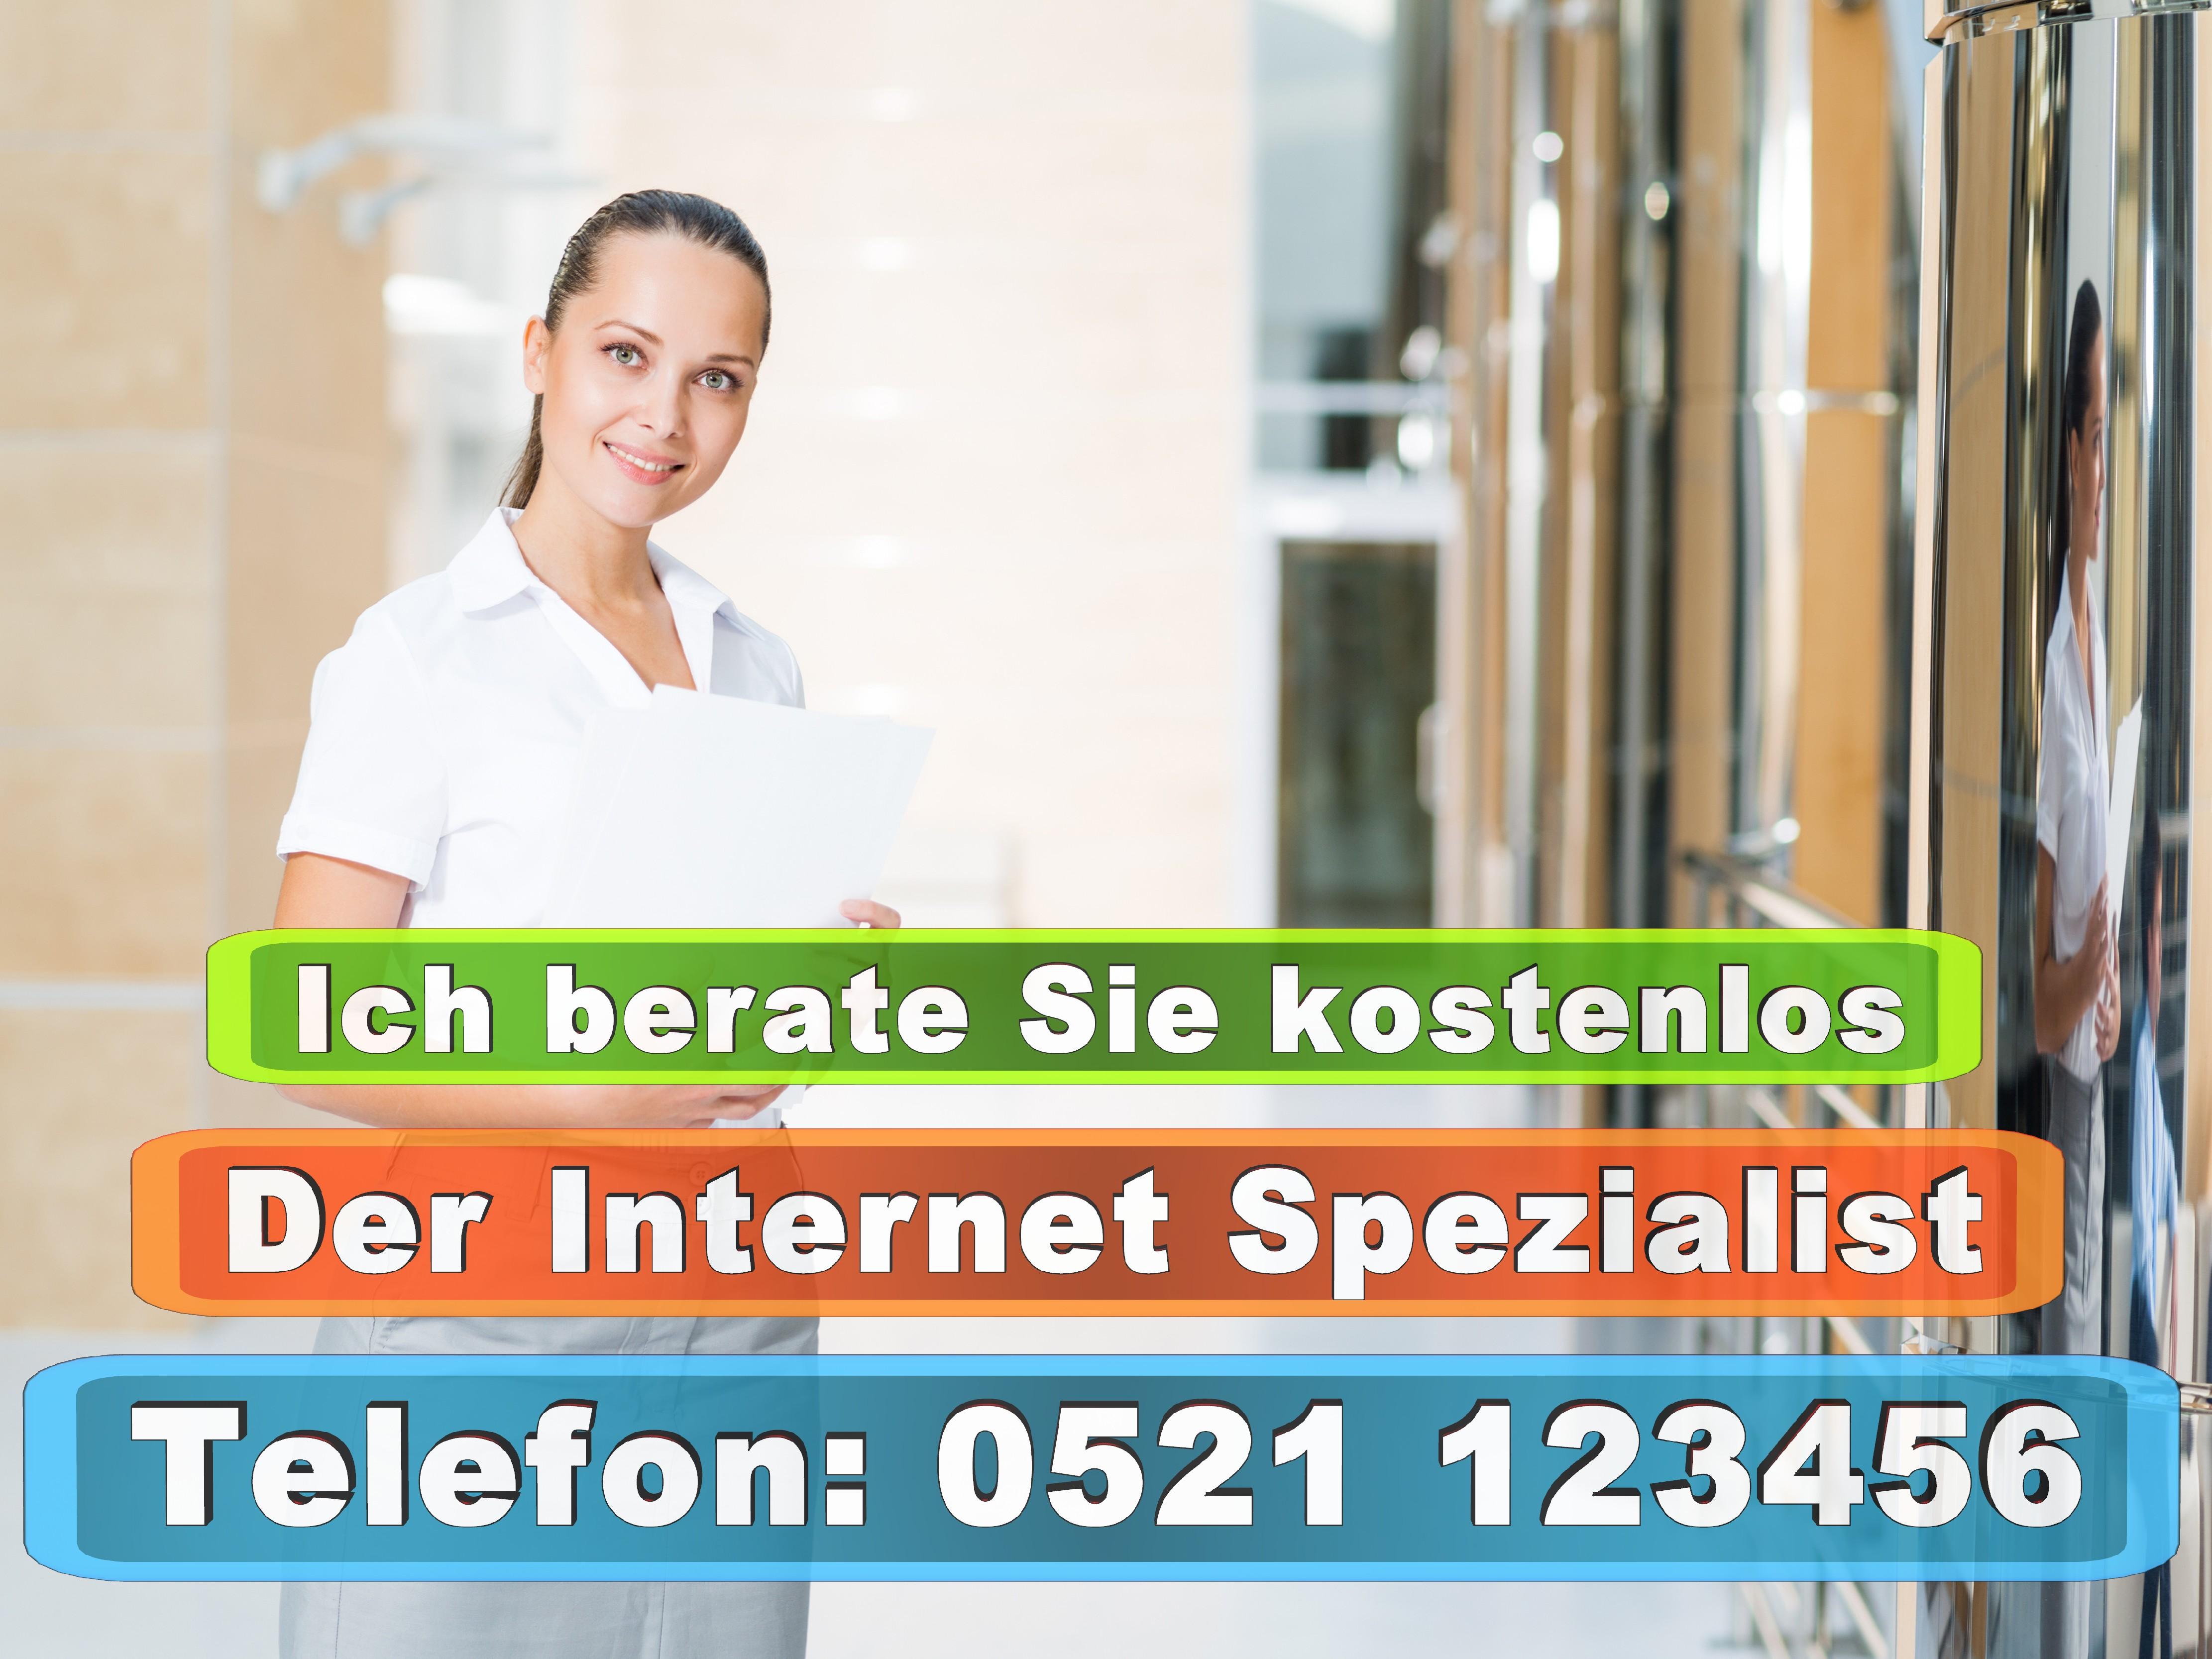 Steuerberater Bielefeld Rechtsanwalt Bielefeld Hausverwaltung Bielefeld Immobilien Bielefeld Architekt Bielefeld Büro Versicherungen (19)